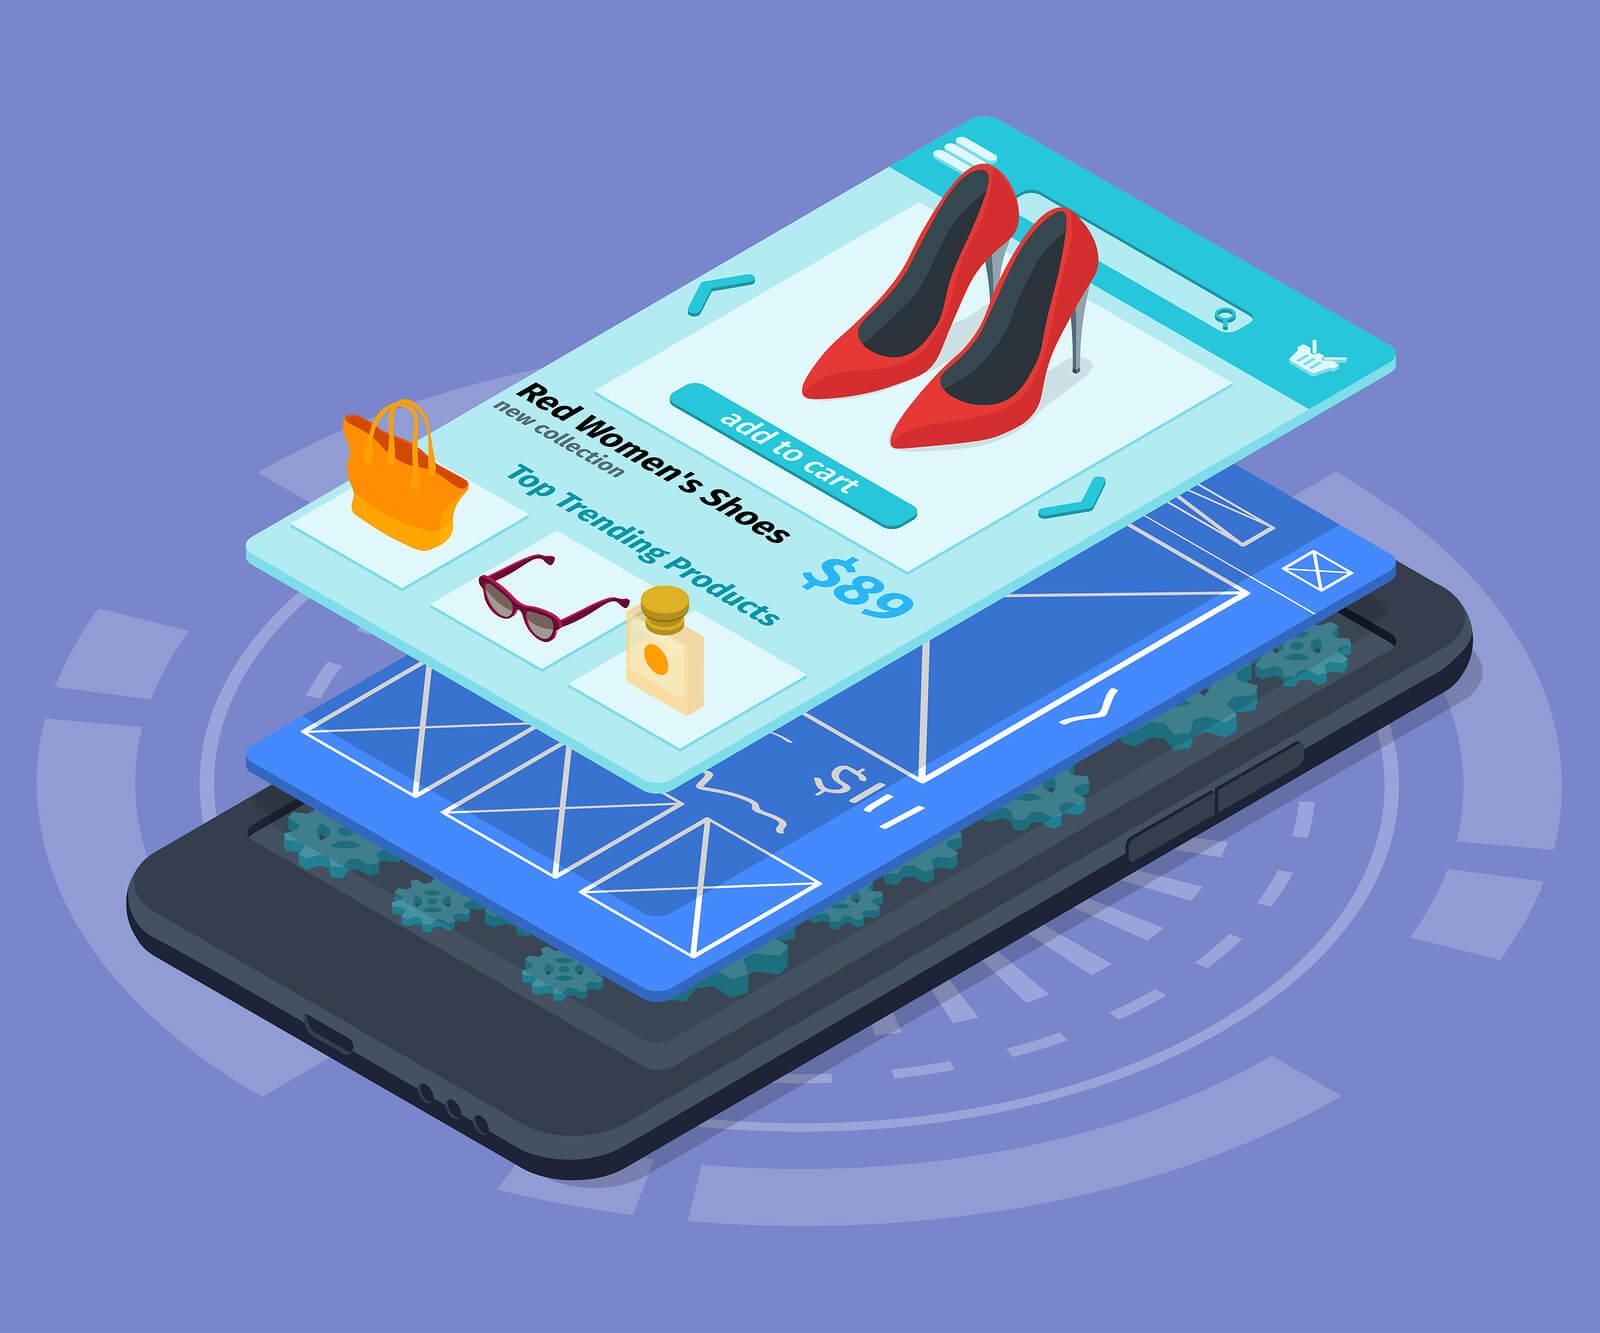 7 princípios de UX para apps móveis que você deveria conhecer